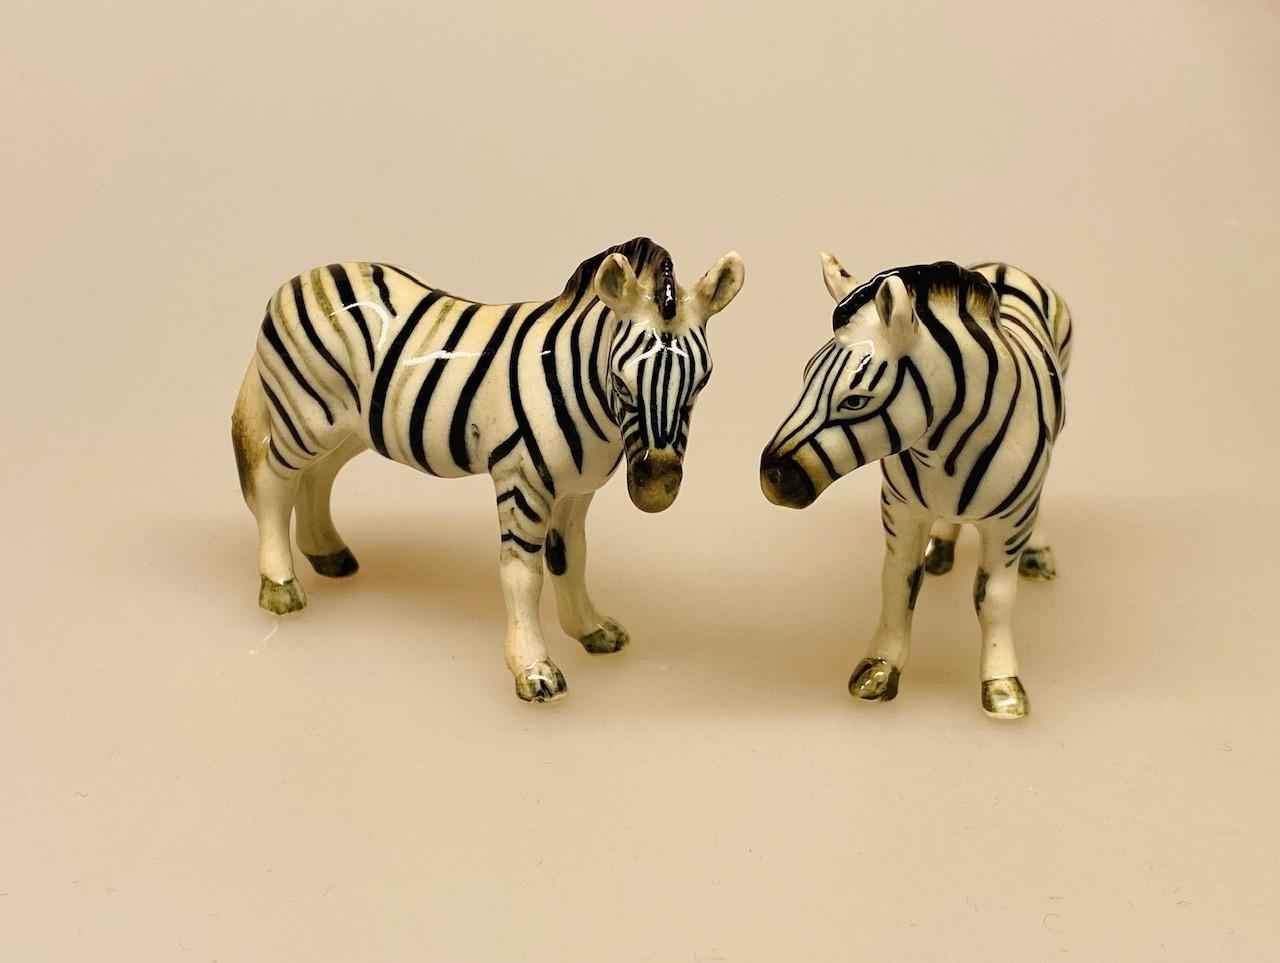 Zebra Figur porcelæn , zebra, zebrafigur, porcelæn, porcelænsfigur, porcelænszebra, håndmalet, nips, miniature, miniaturer, sættekasse, sætterkasse, sættekassefigur, ting til, amagerhylde, amagerhylden, biti, ribi, pynt, pyntefigurer, afrika, safari, savanne, på servannen,